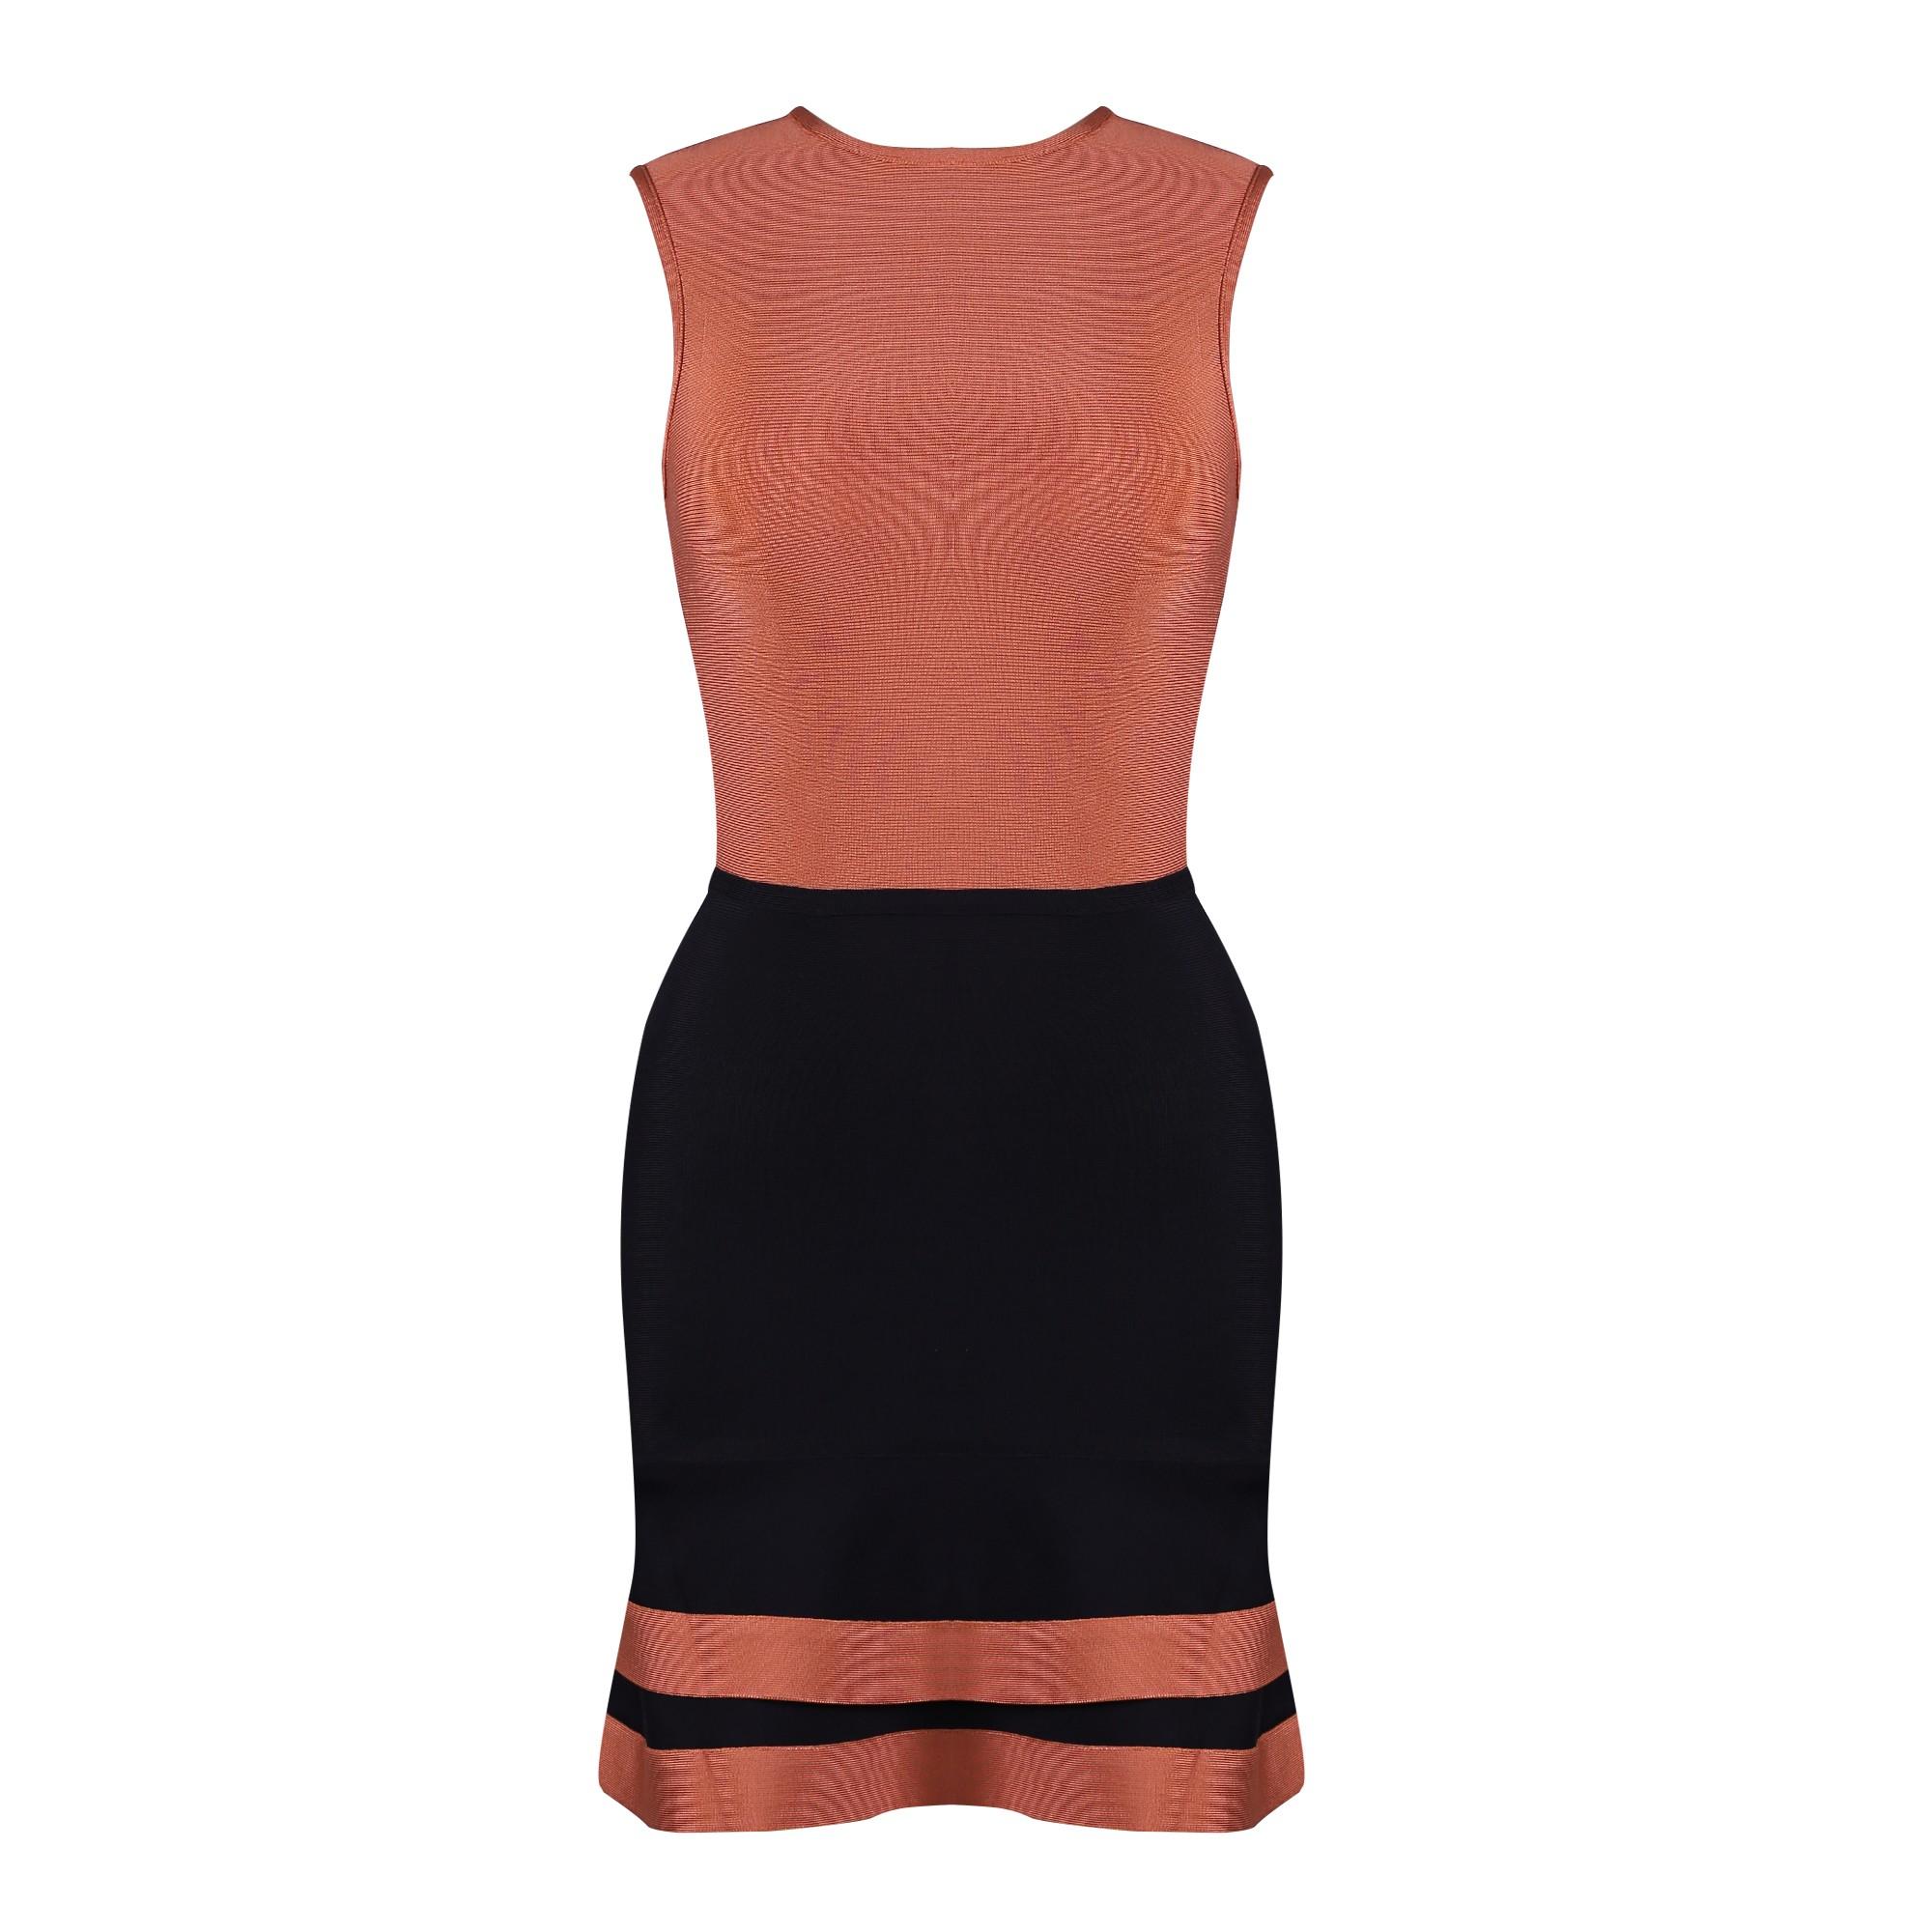 Rayon - Orange Round Neck Sleeveless Mini Mermaid Dress Color Mosaic High Quality Bandage Dress HJ536-Orange